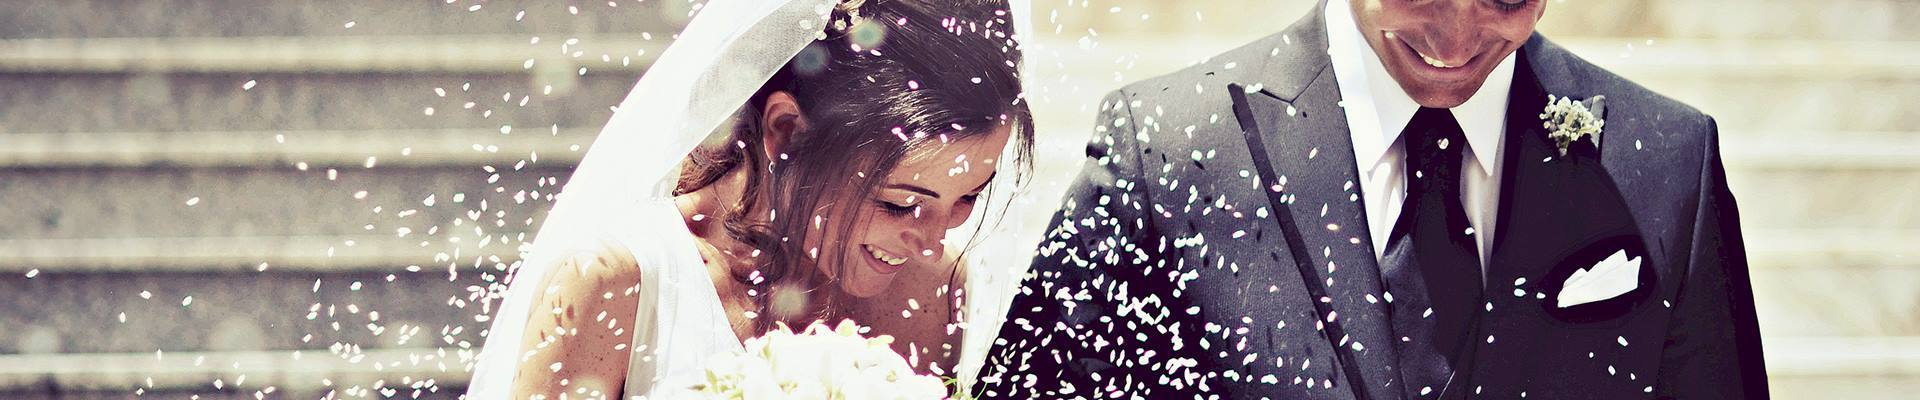 Casamento Social 2018